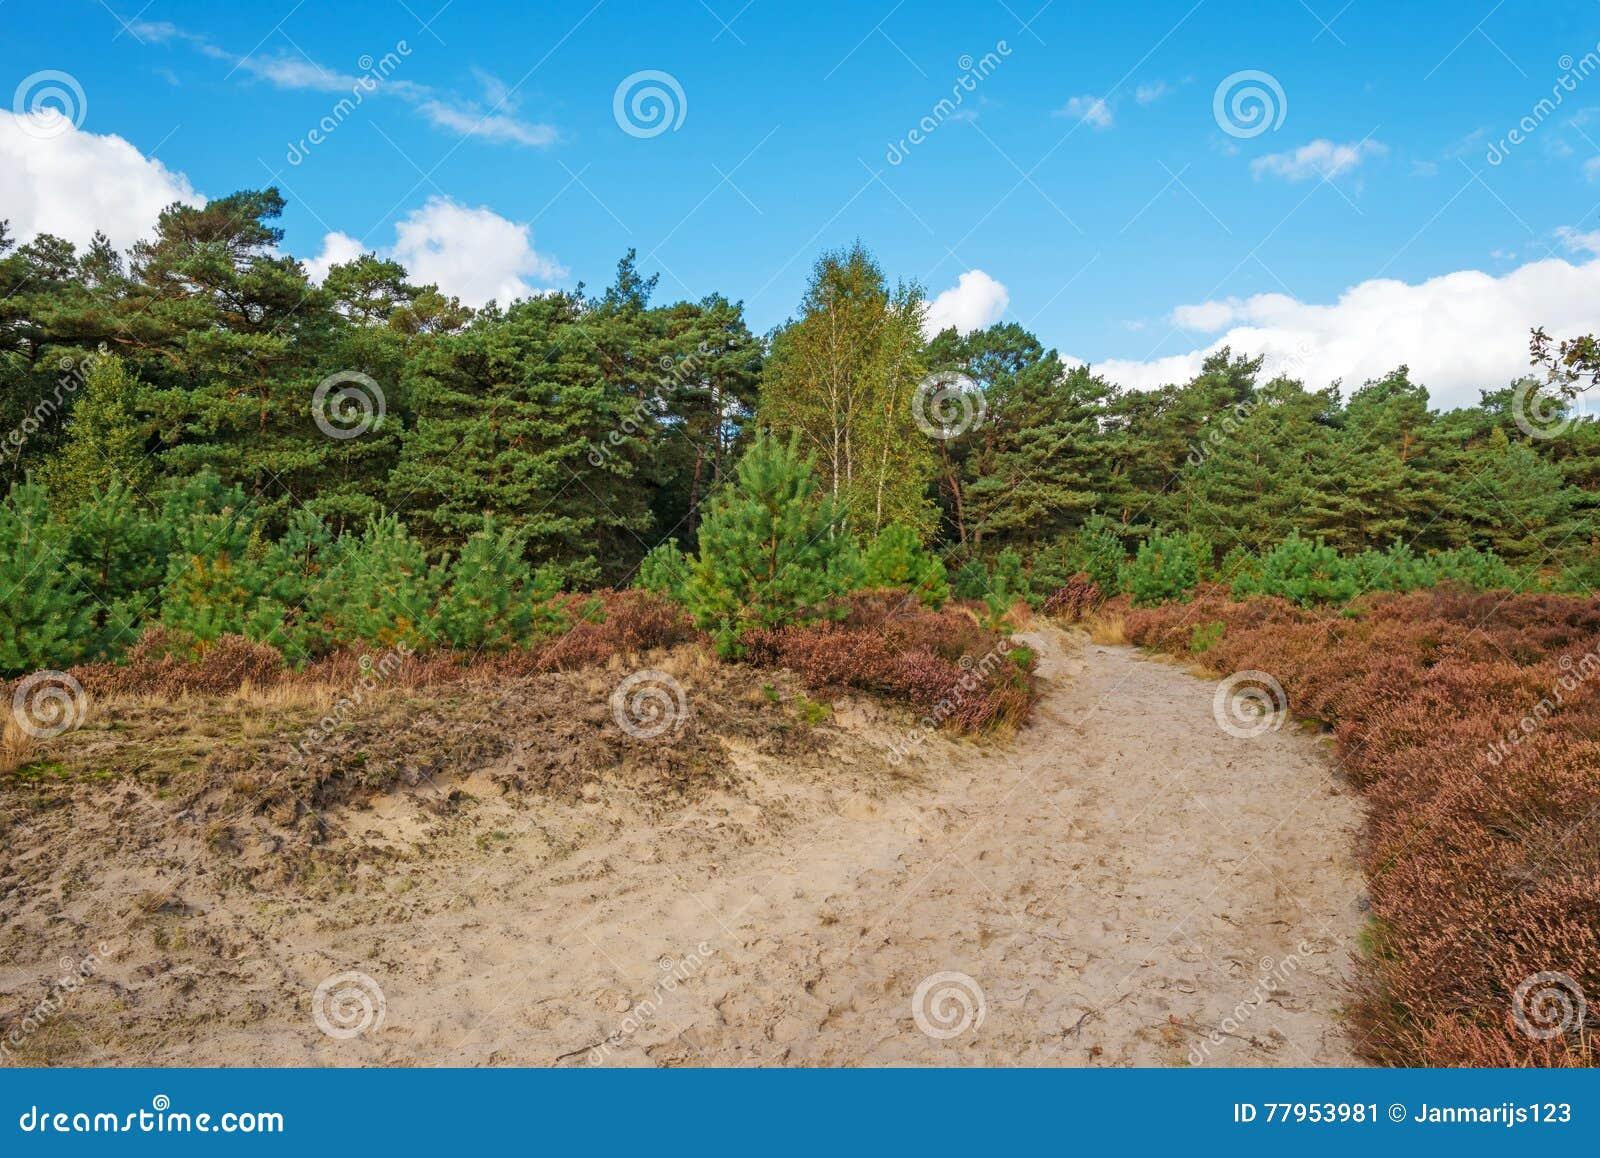 Hed som klänger en skog